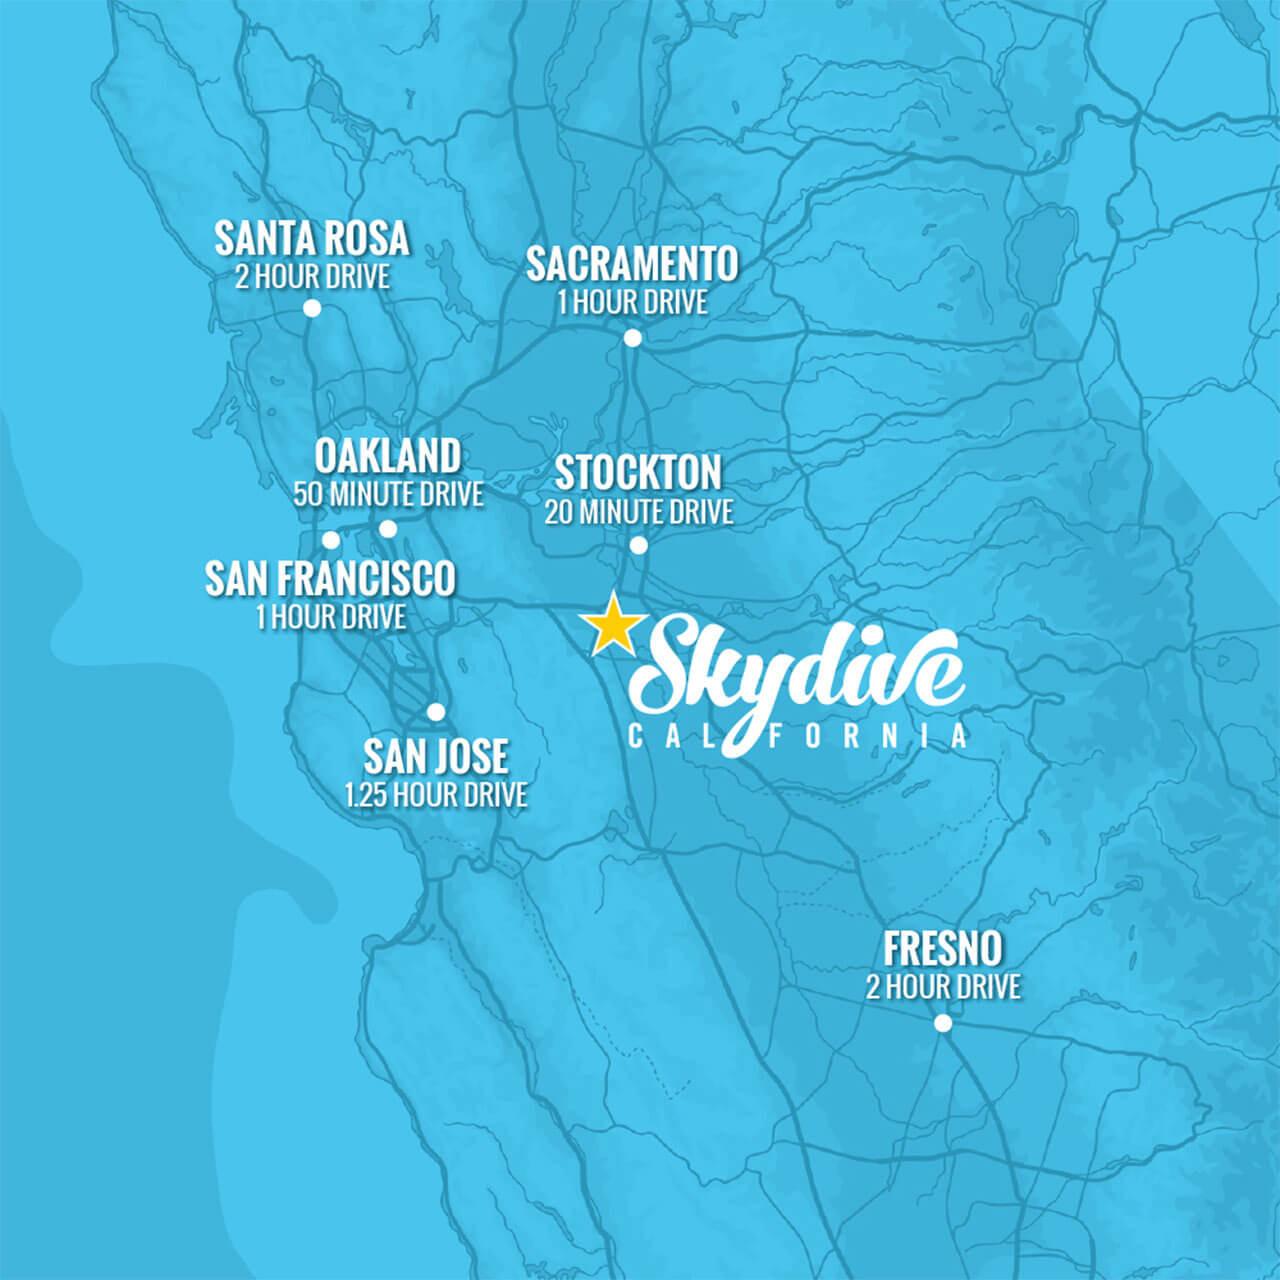 Skydive California map